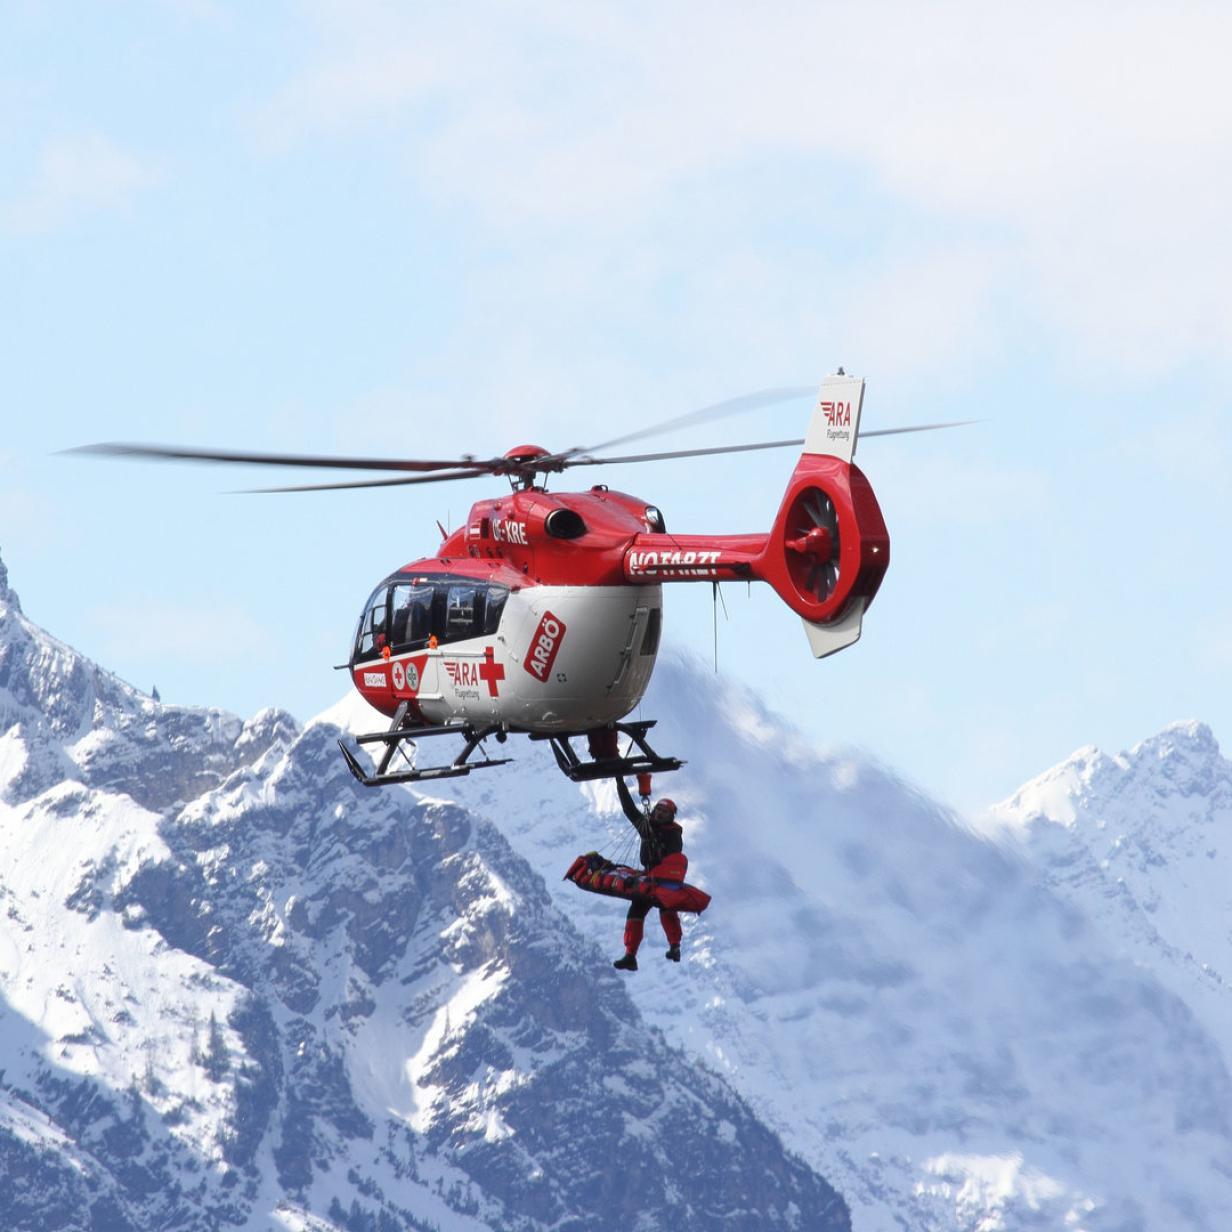 Schwerer Skiunfall in Salzburg: Mann stieß Siebenjährigen nieder